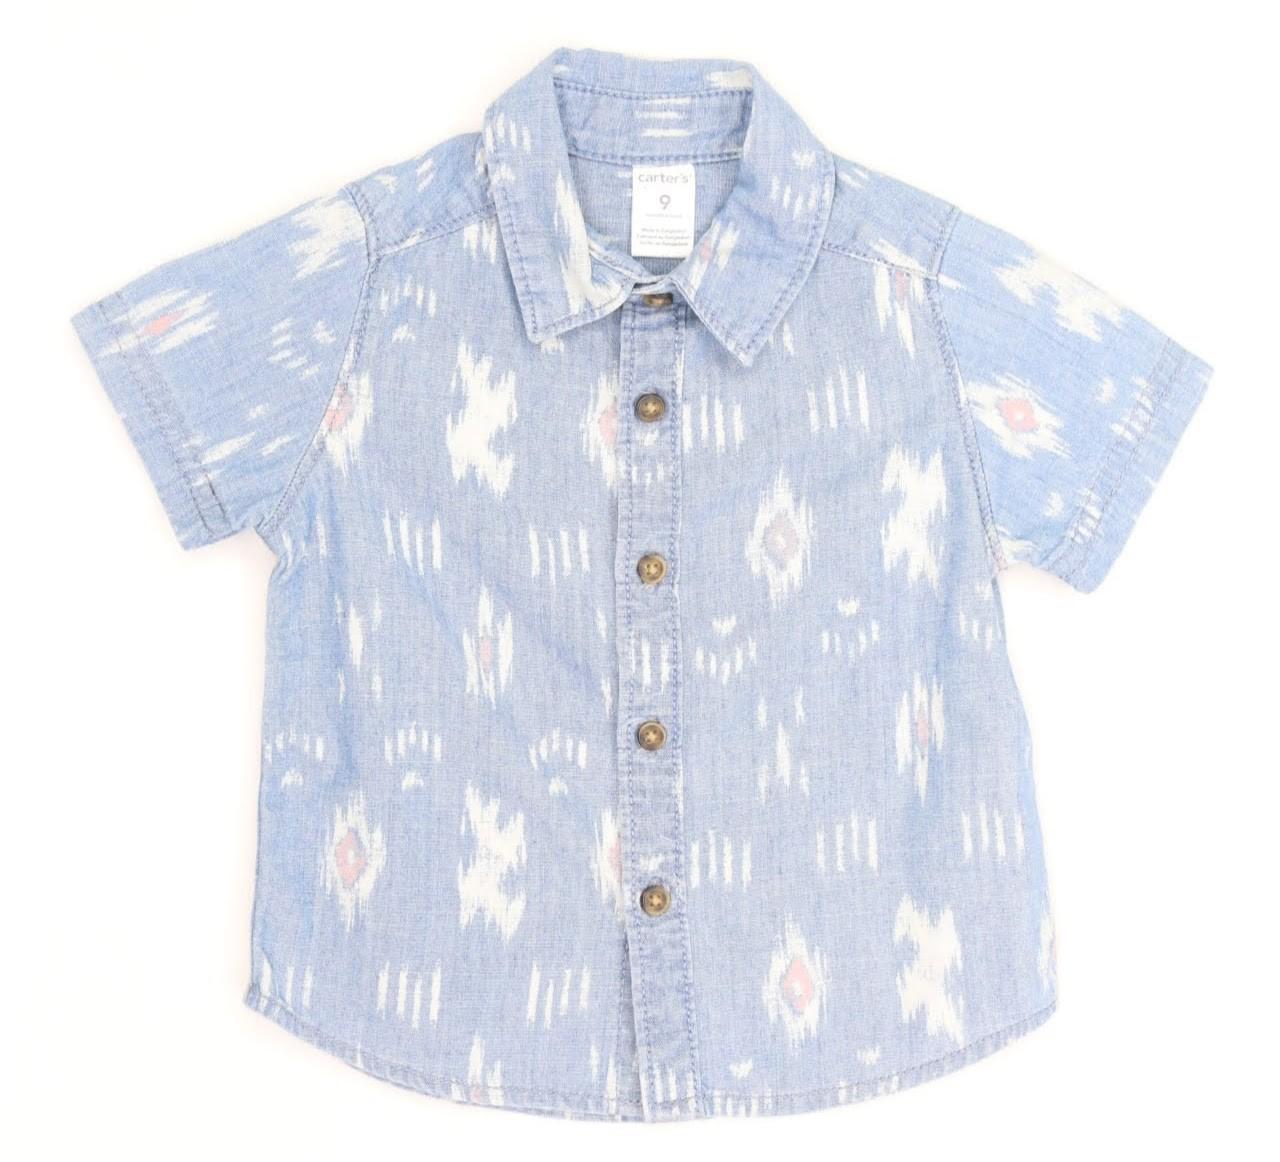 Camisa Manga Curta - Carter's - 09 Meses